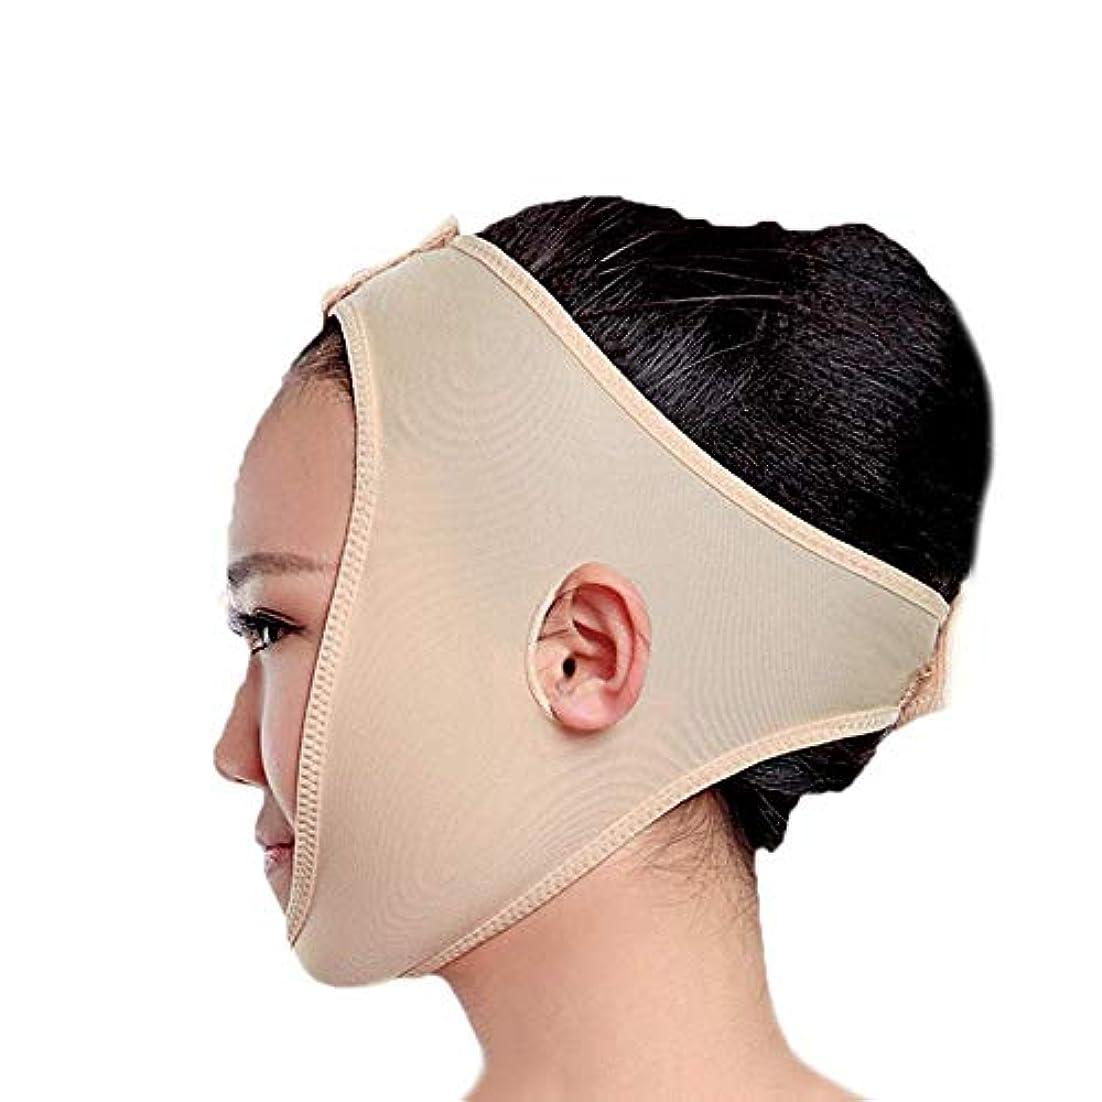 ピボット性格座るフェイススリミングマスク、快適さと通気性、フェイシャルリフティング、輪郭の改善された硬さ、ファーミングとリフティングフェイス(カラー:ブラック、サイズ:XL),黄色がかったピンク2、XL